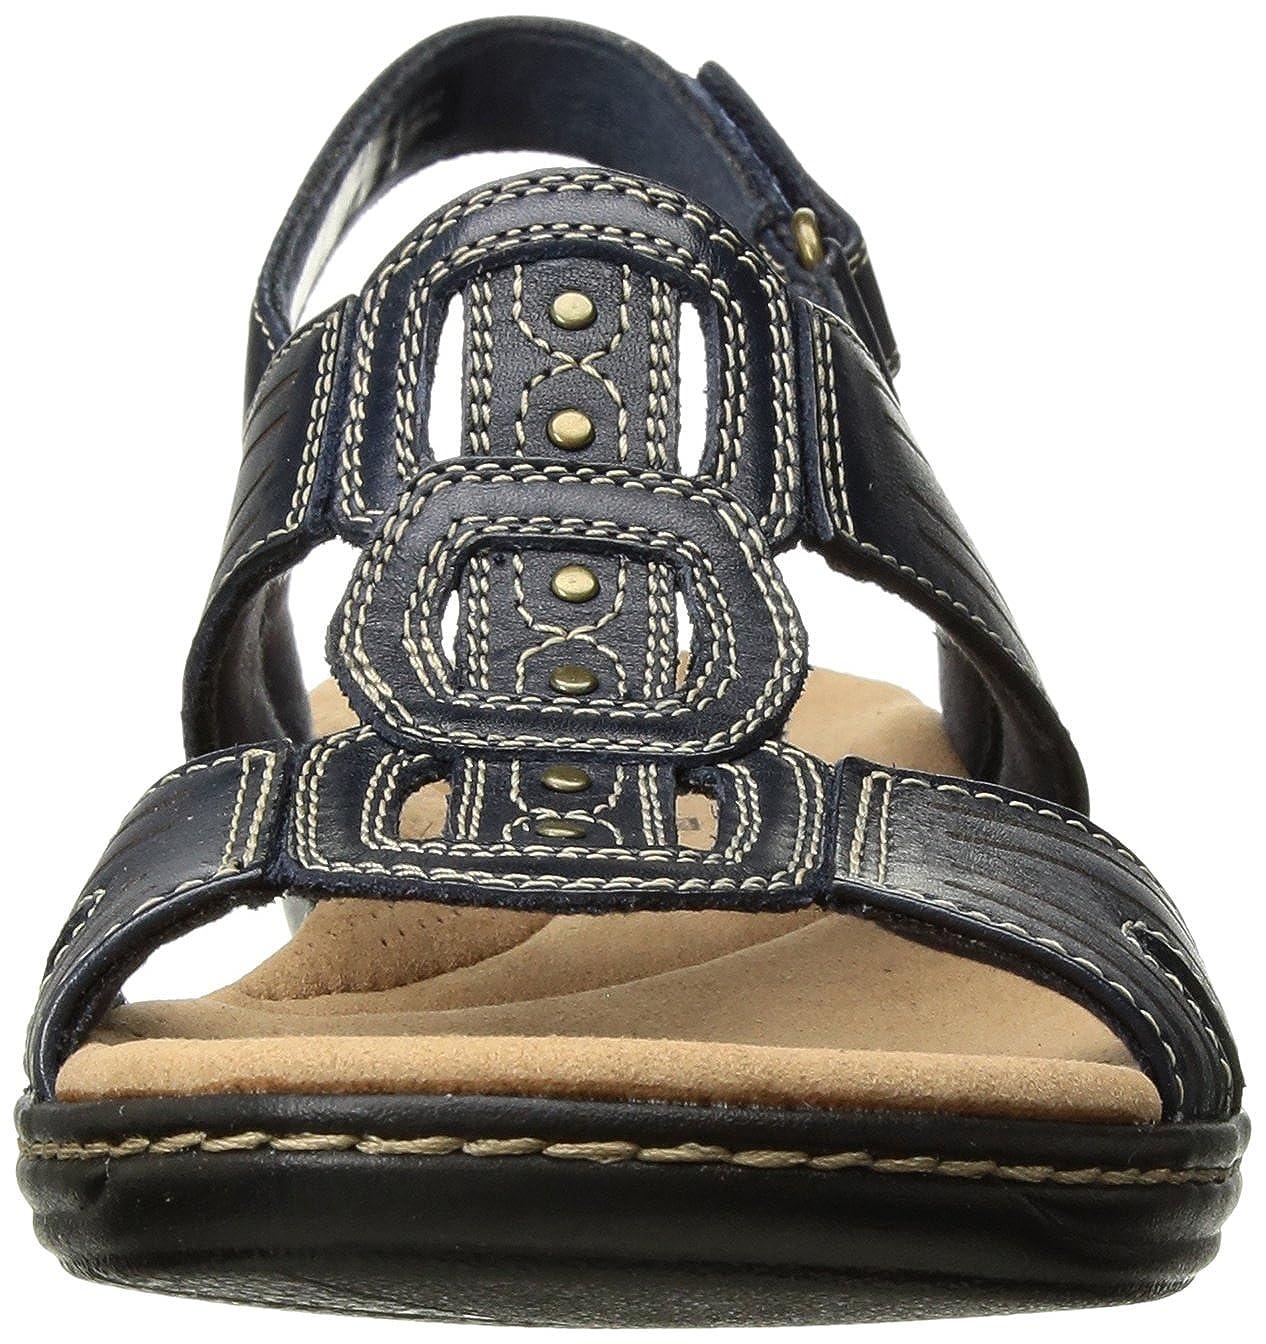 Clarks Women's Leisa Vine Vine Leisa Sandals B078BH5PTM Wedge e55f0e